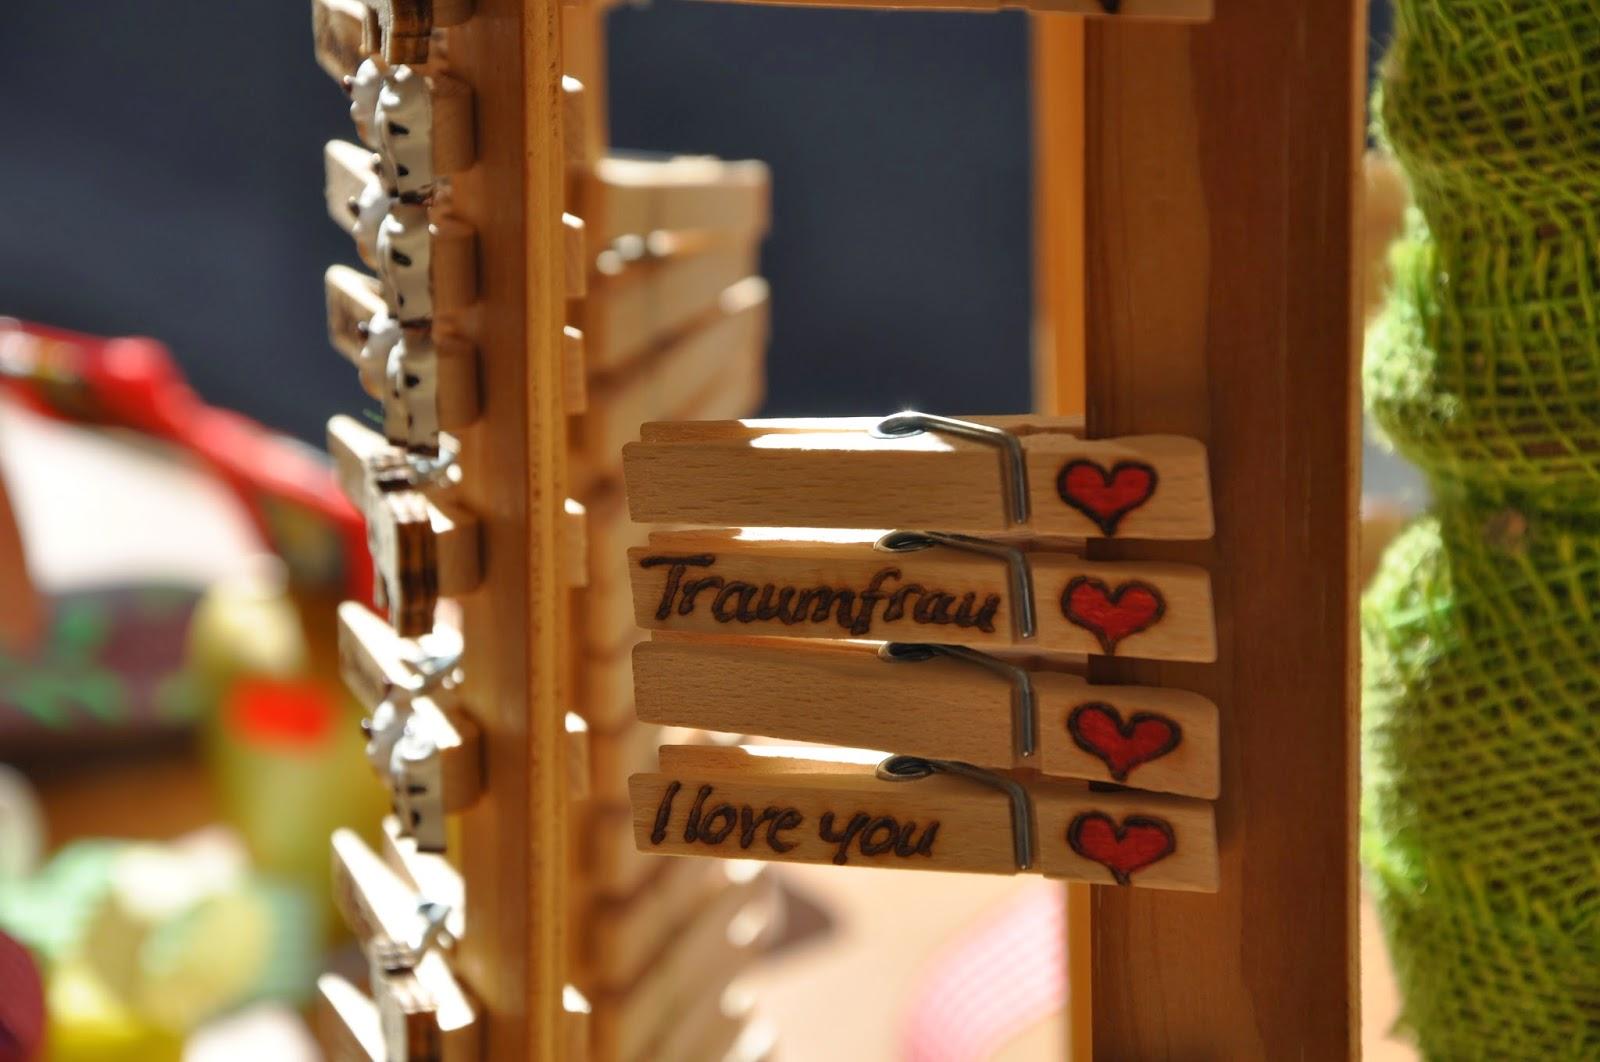 Jahrmarkt Memmingen: Wäscheklammern aus Holz mit Beschriftungen